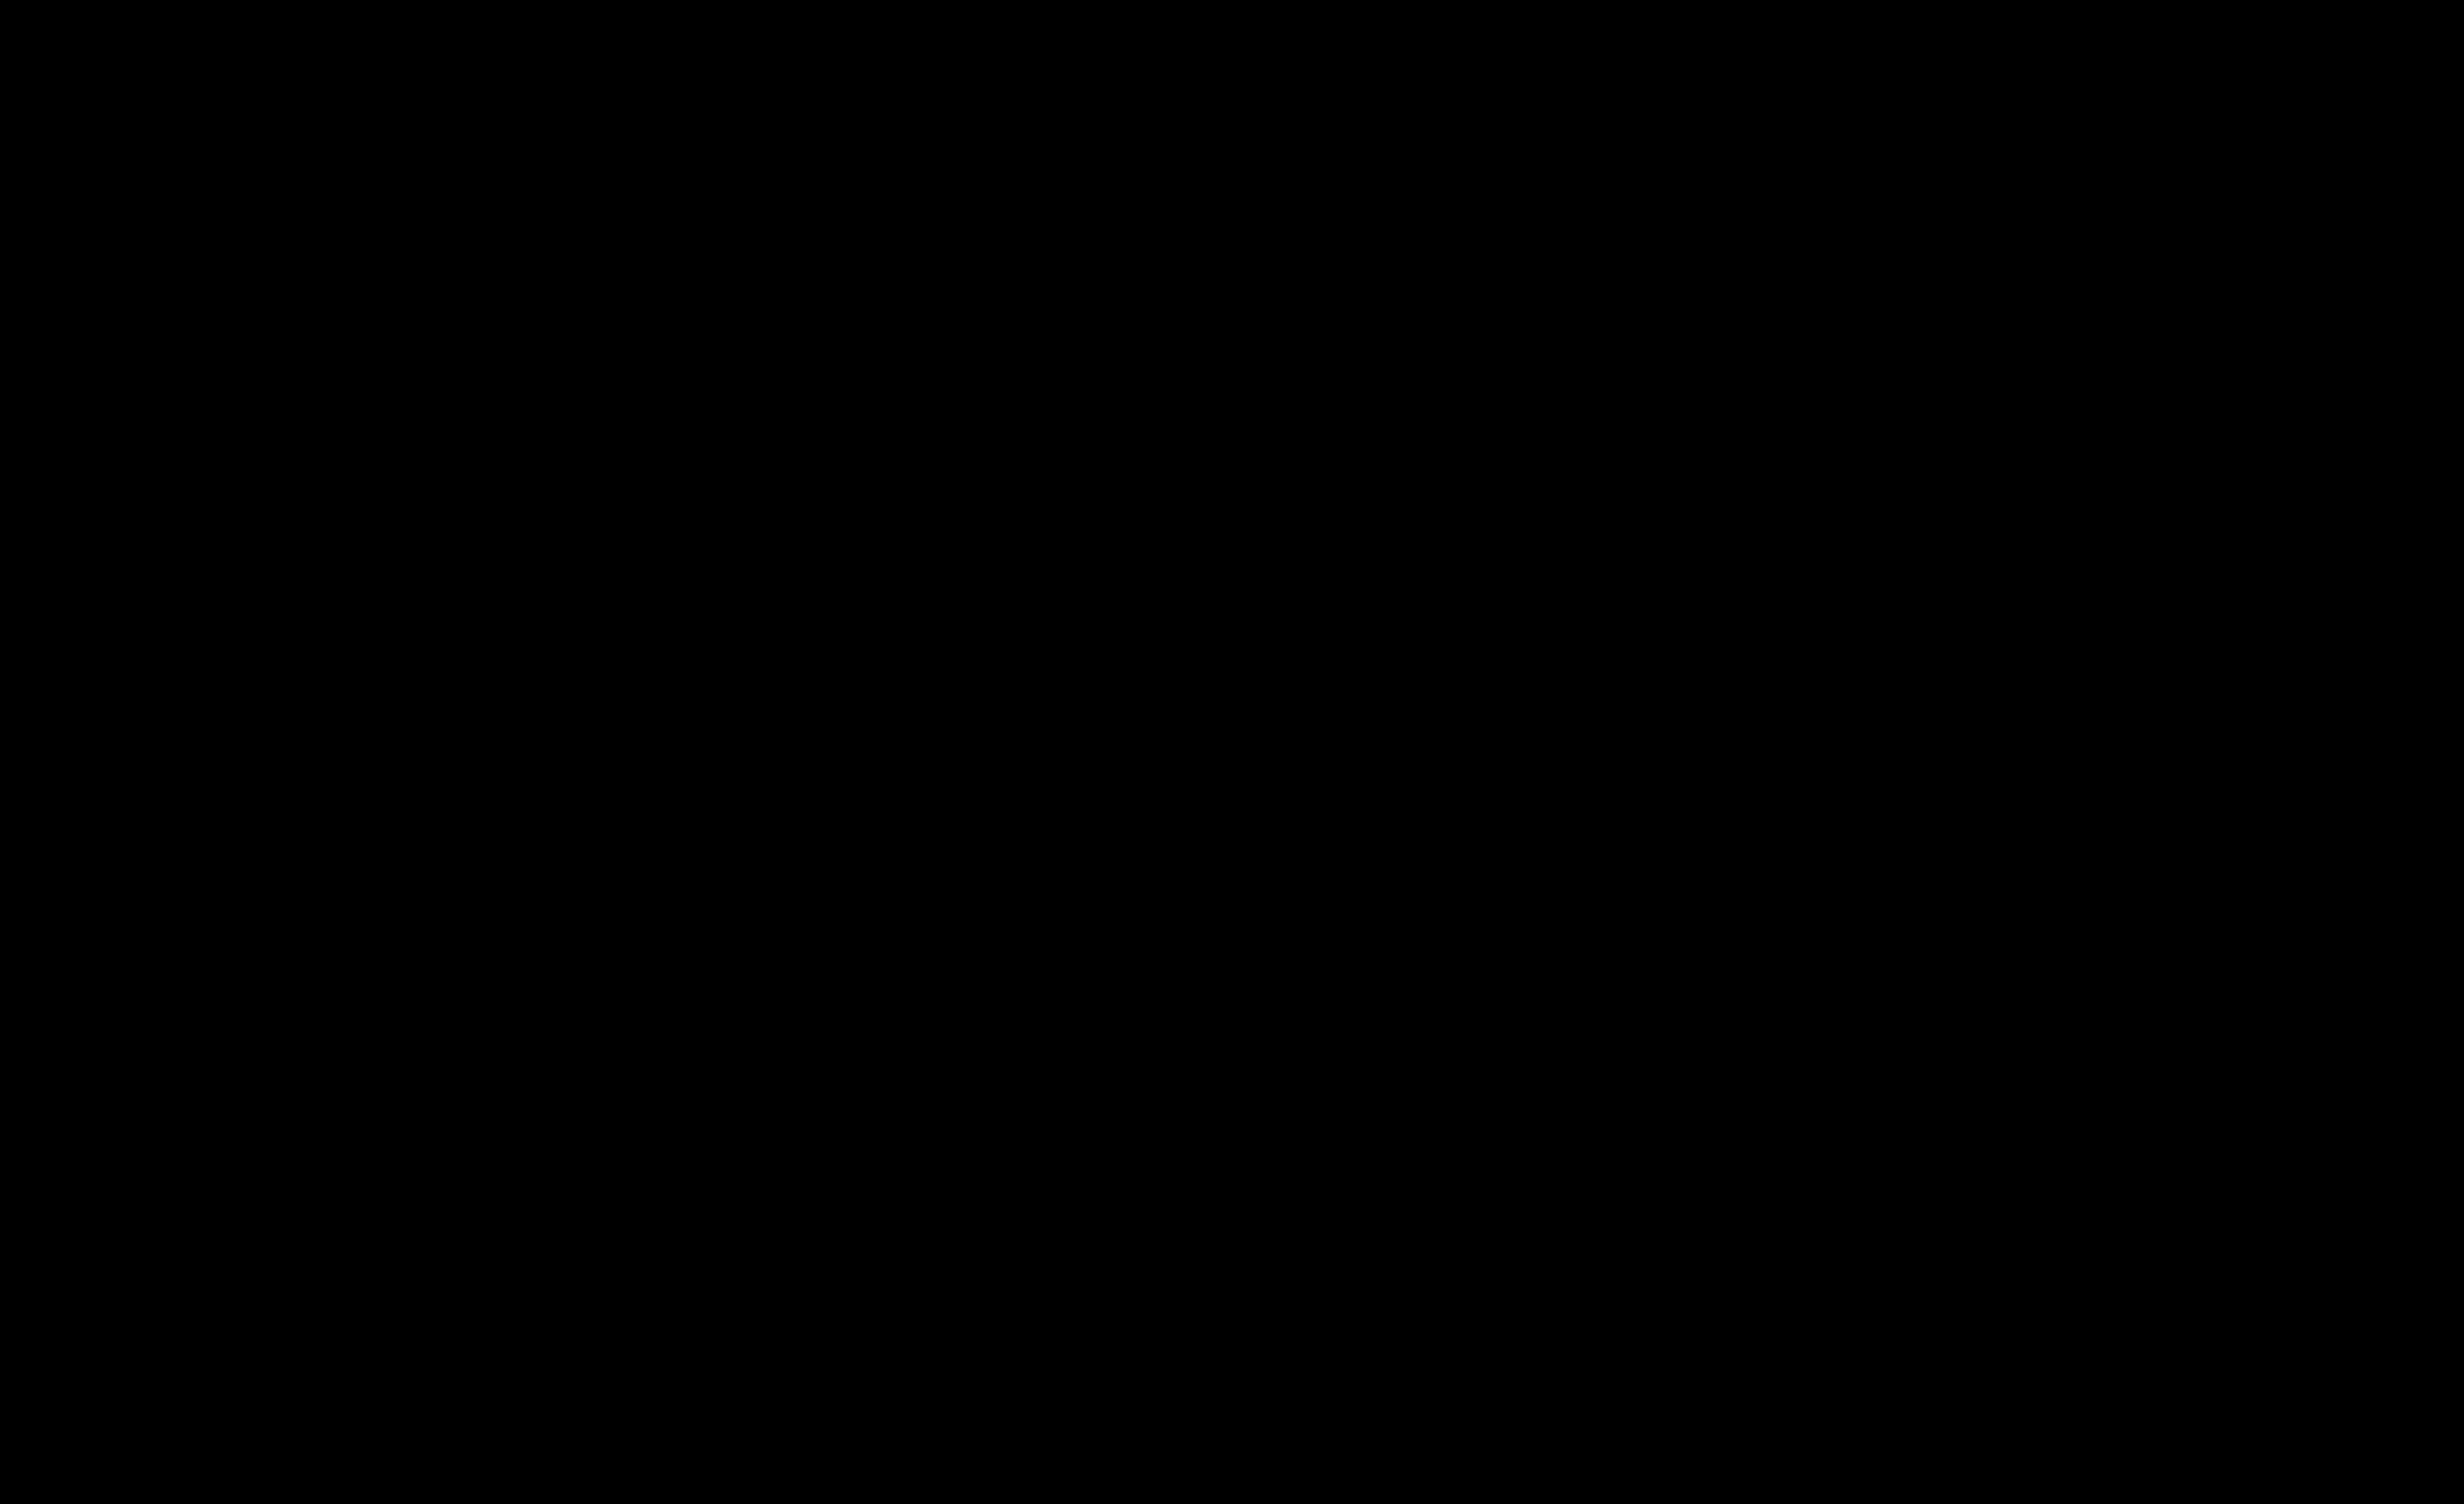 Mapeo Colectivo Lekunberri Amable